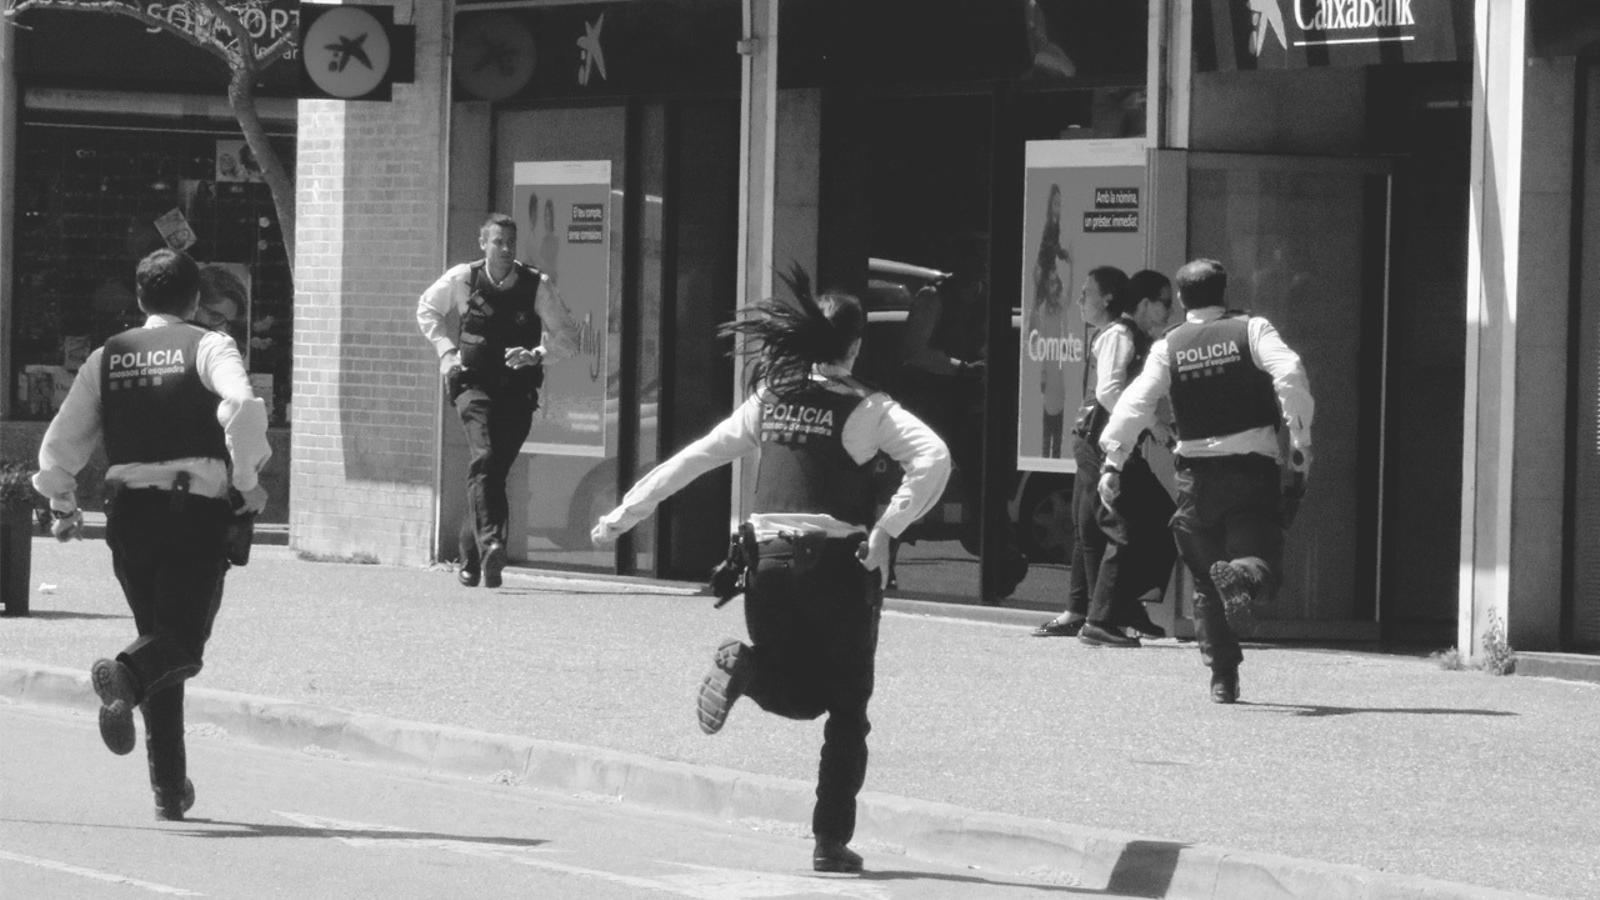 L'anàlisi d'Antoni Bassas: 'La imatge dels policies corrent cap al perill'